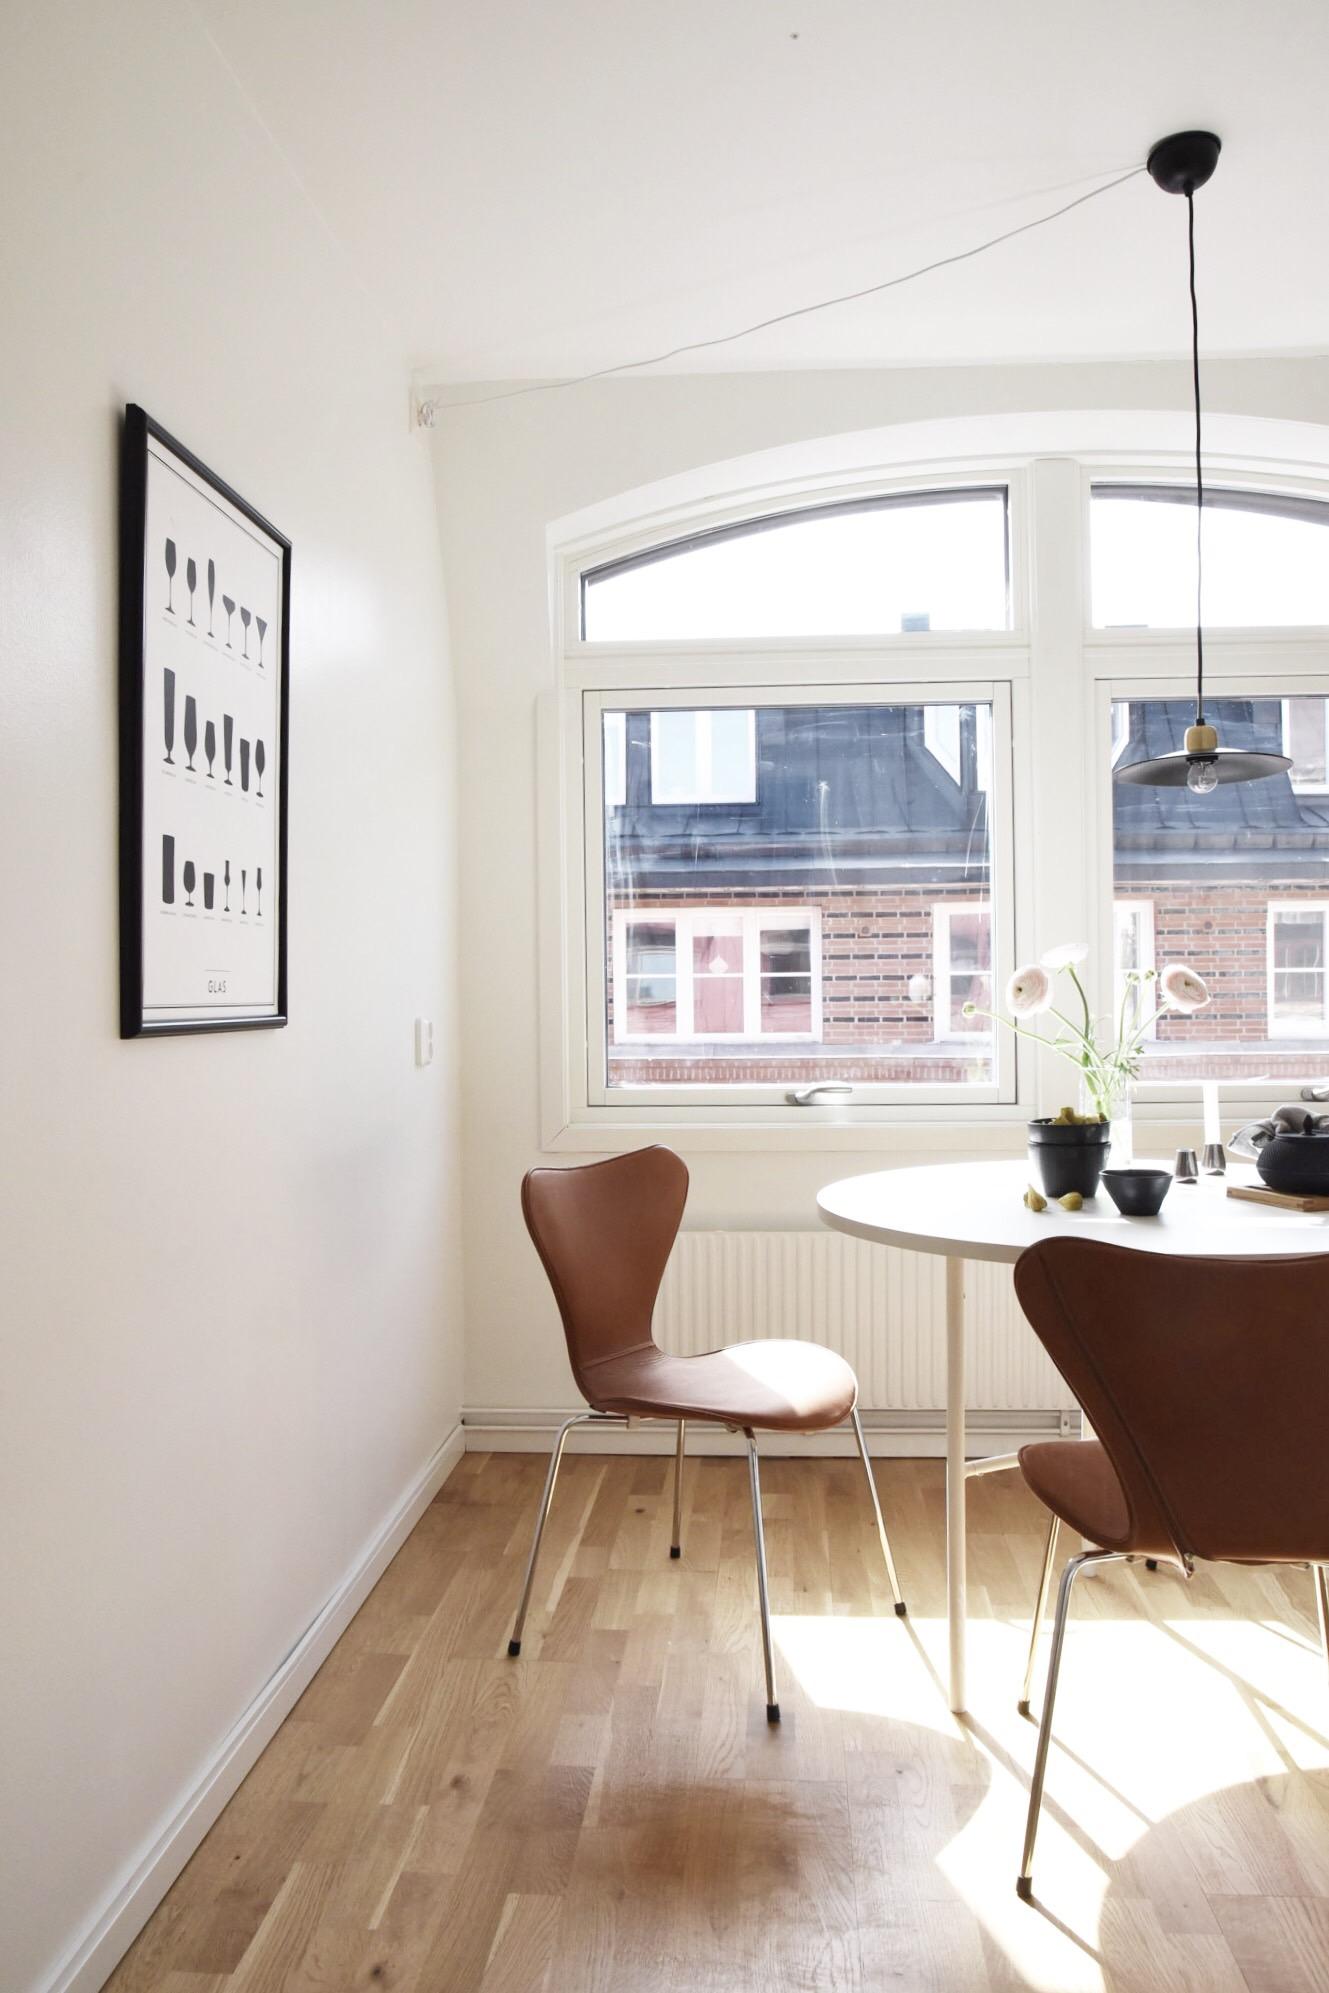 Homestyling, Styling, Linné, Göteborg, Risåsgatan, Studio In, Sjuan, 7an stol, Arne Jacobsen